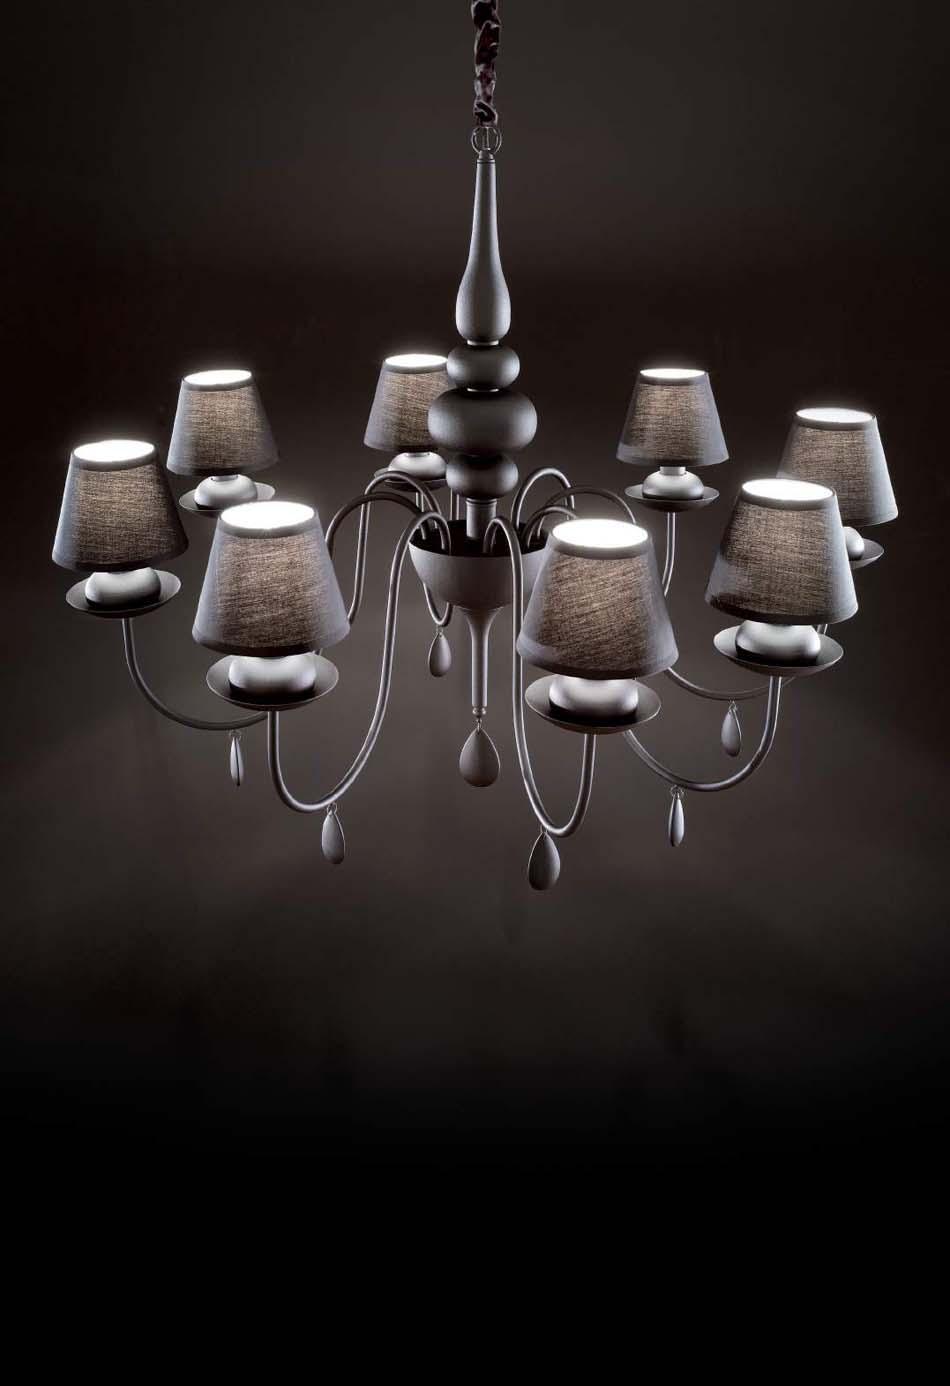 Lampade 05 sospensione Classico Ideal Lux Blanche – Bruni Arredamenti